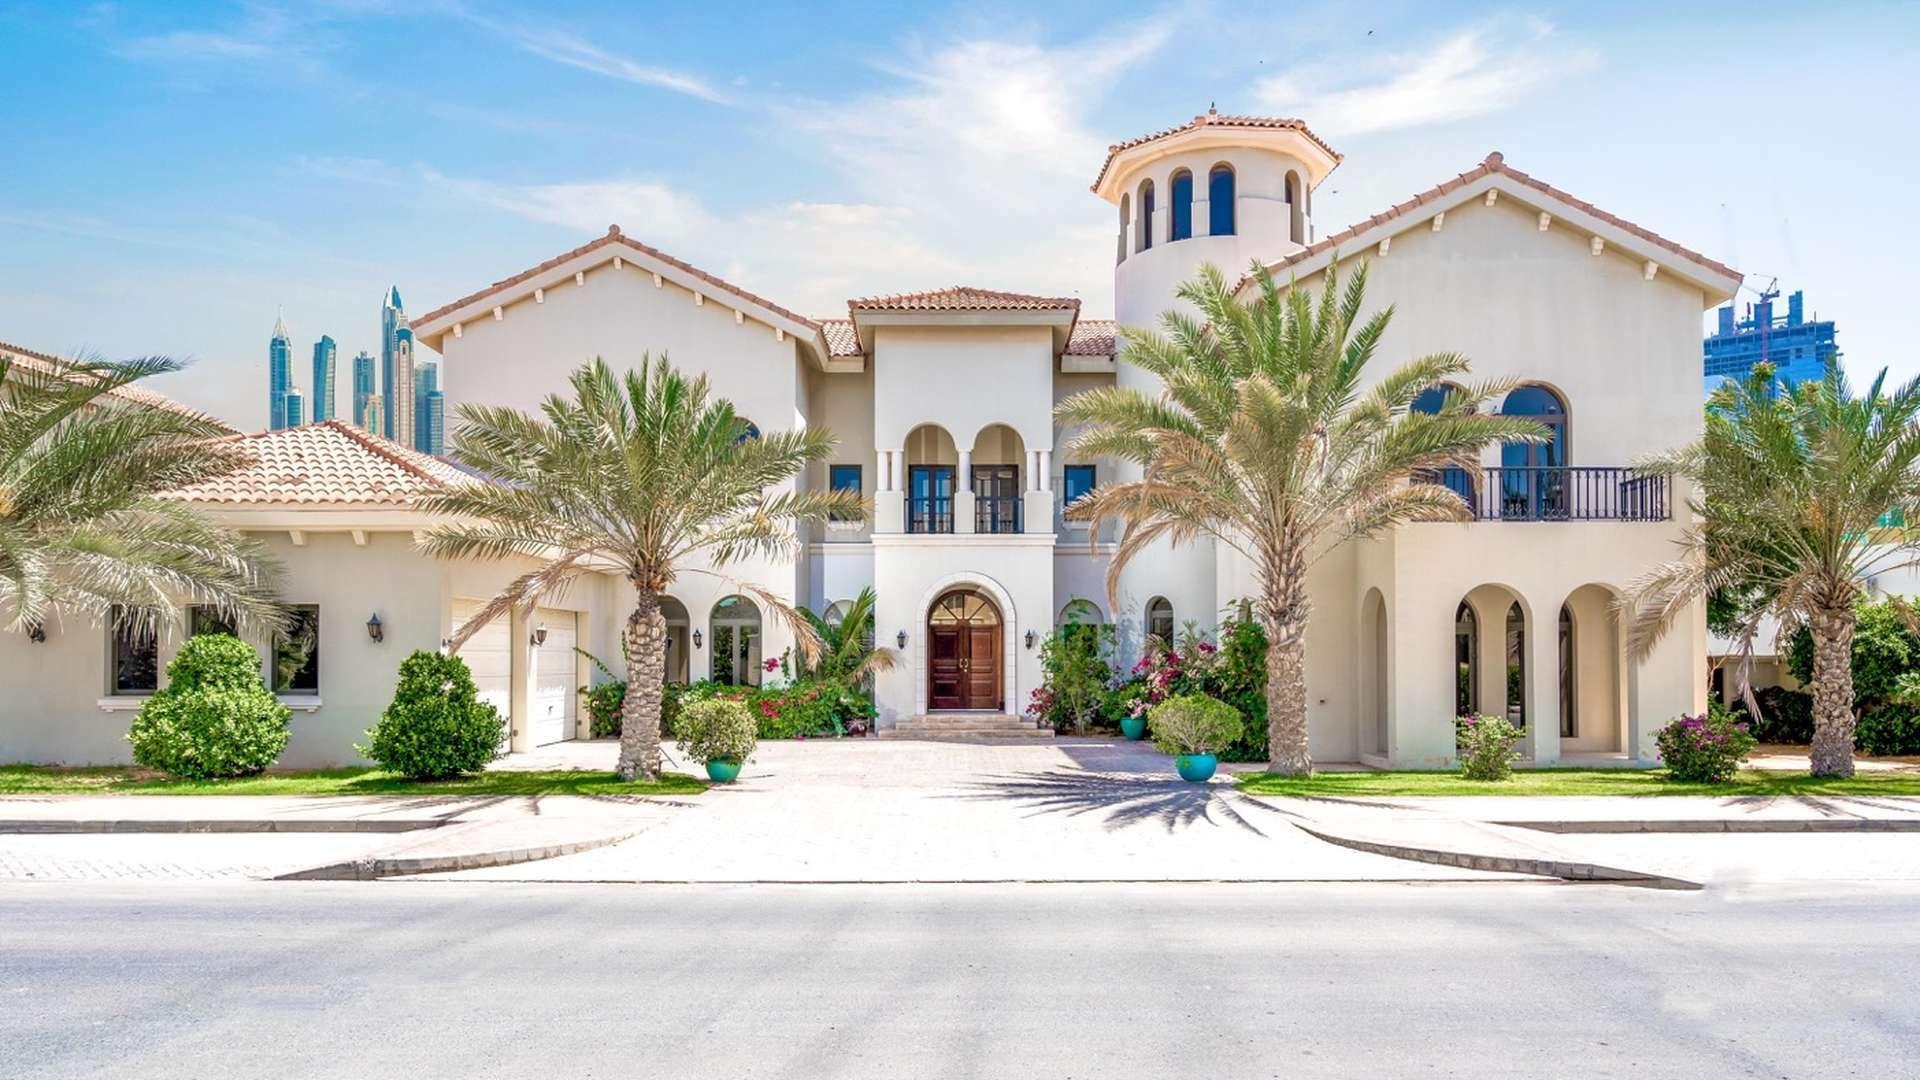 Villa en venta en Dubai, EAU, 5 dormitorios, 650 m2, № 24489 – foto 1